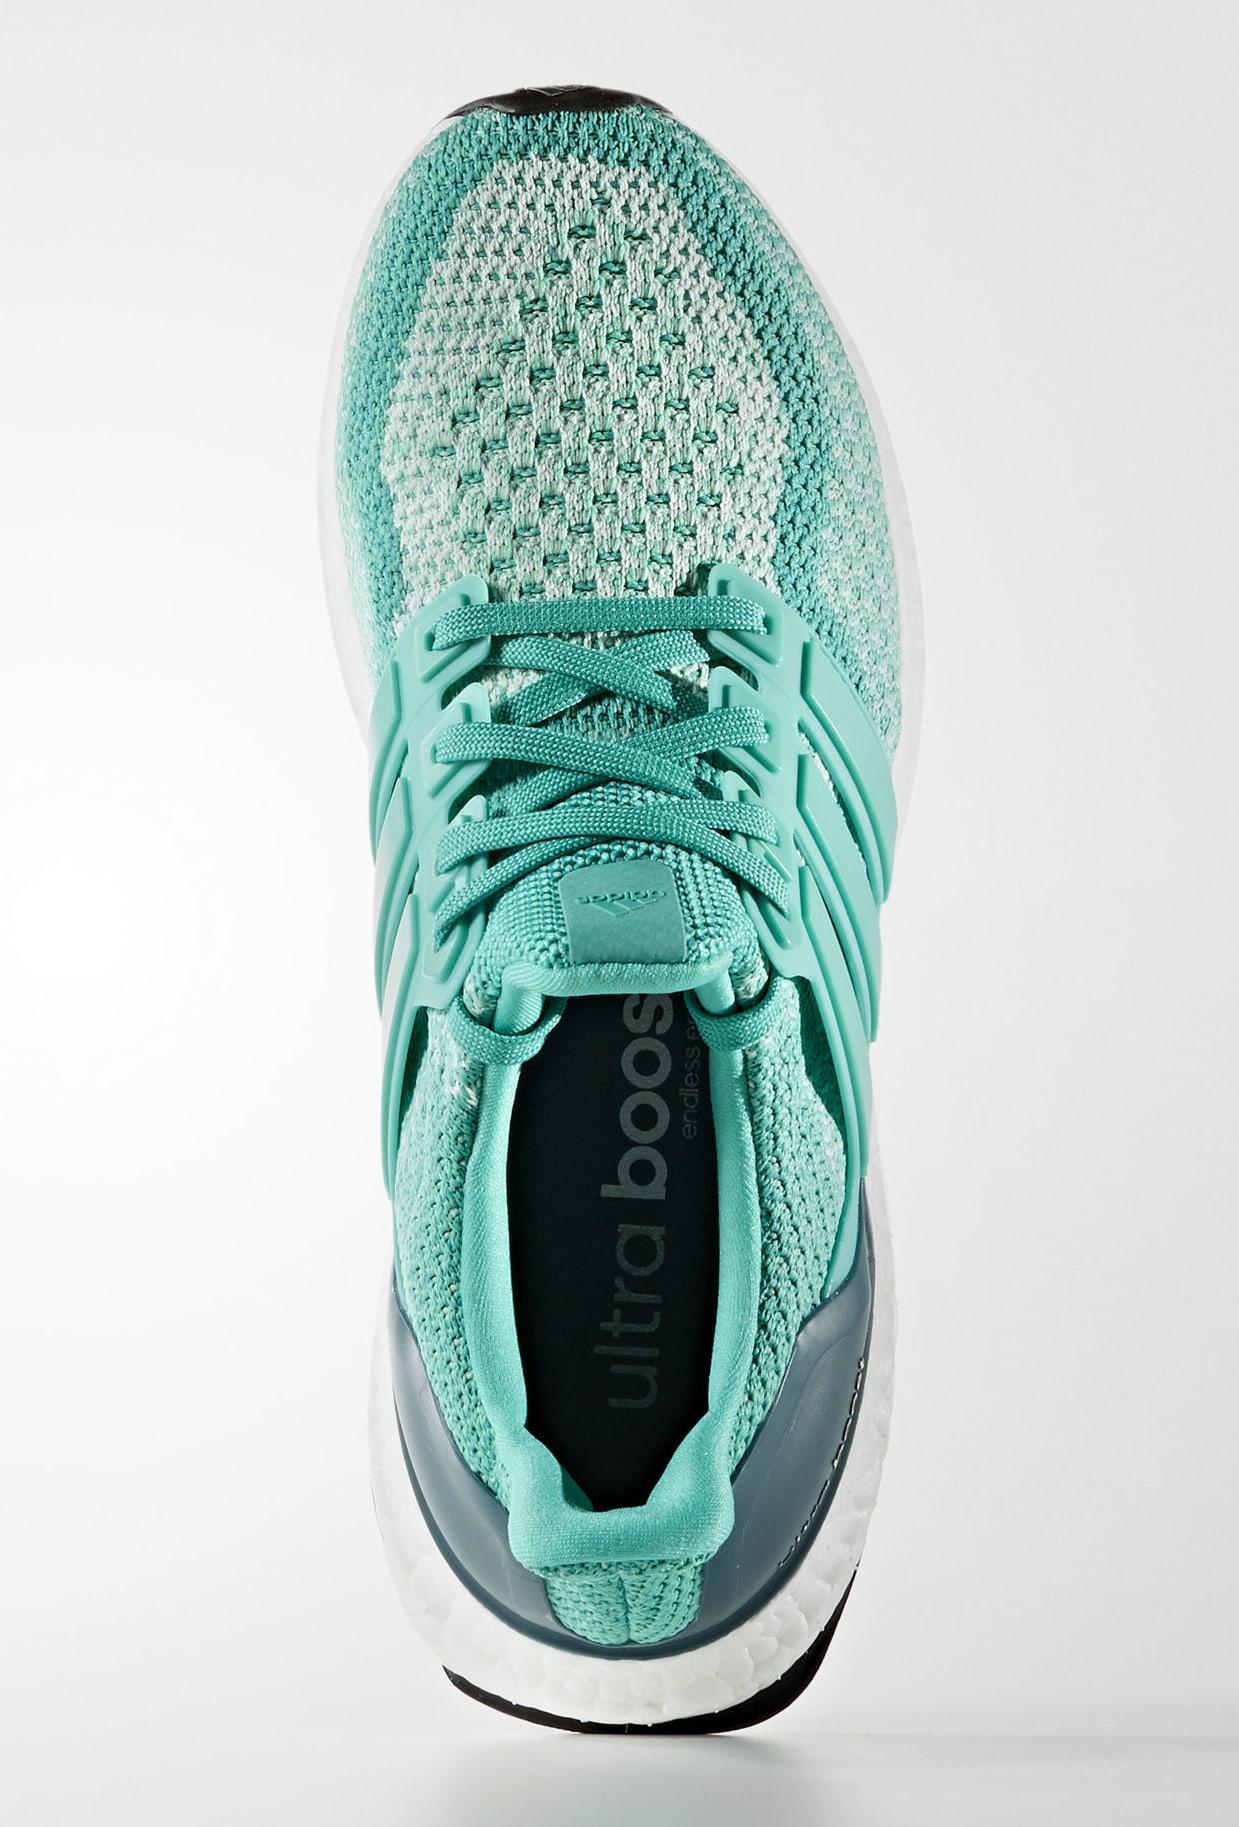 adidas-womens-ultra-boost-2-0-shock-mint-aq5937-top